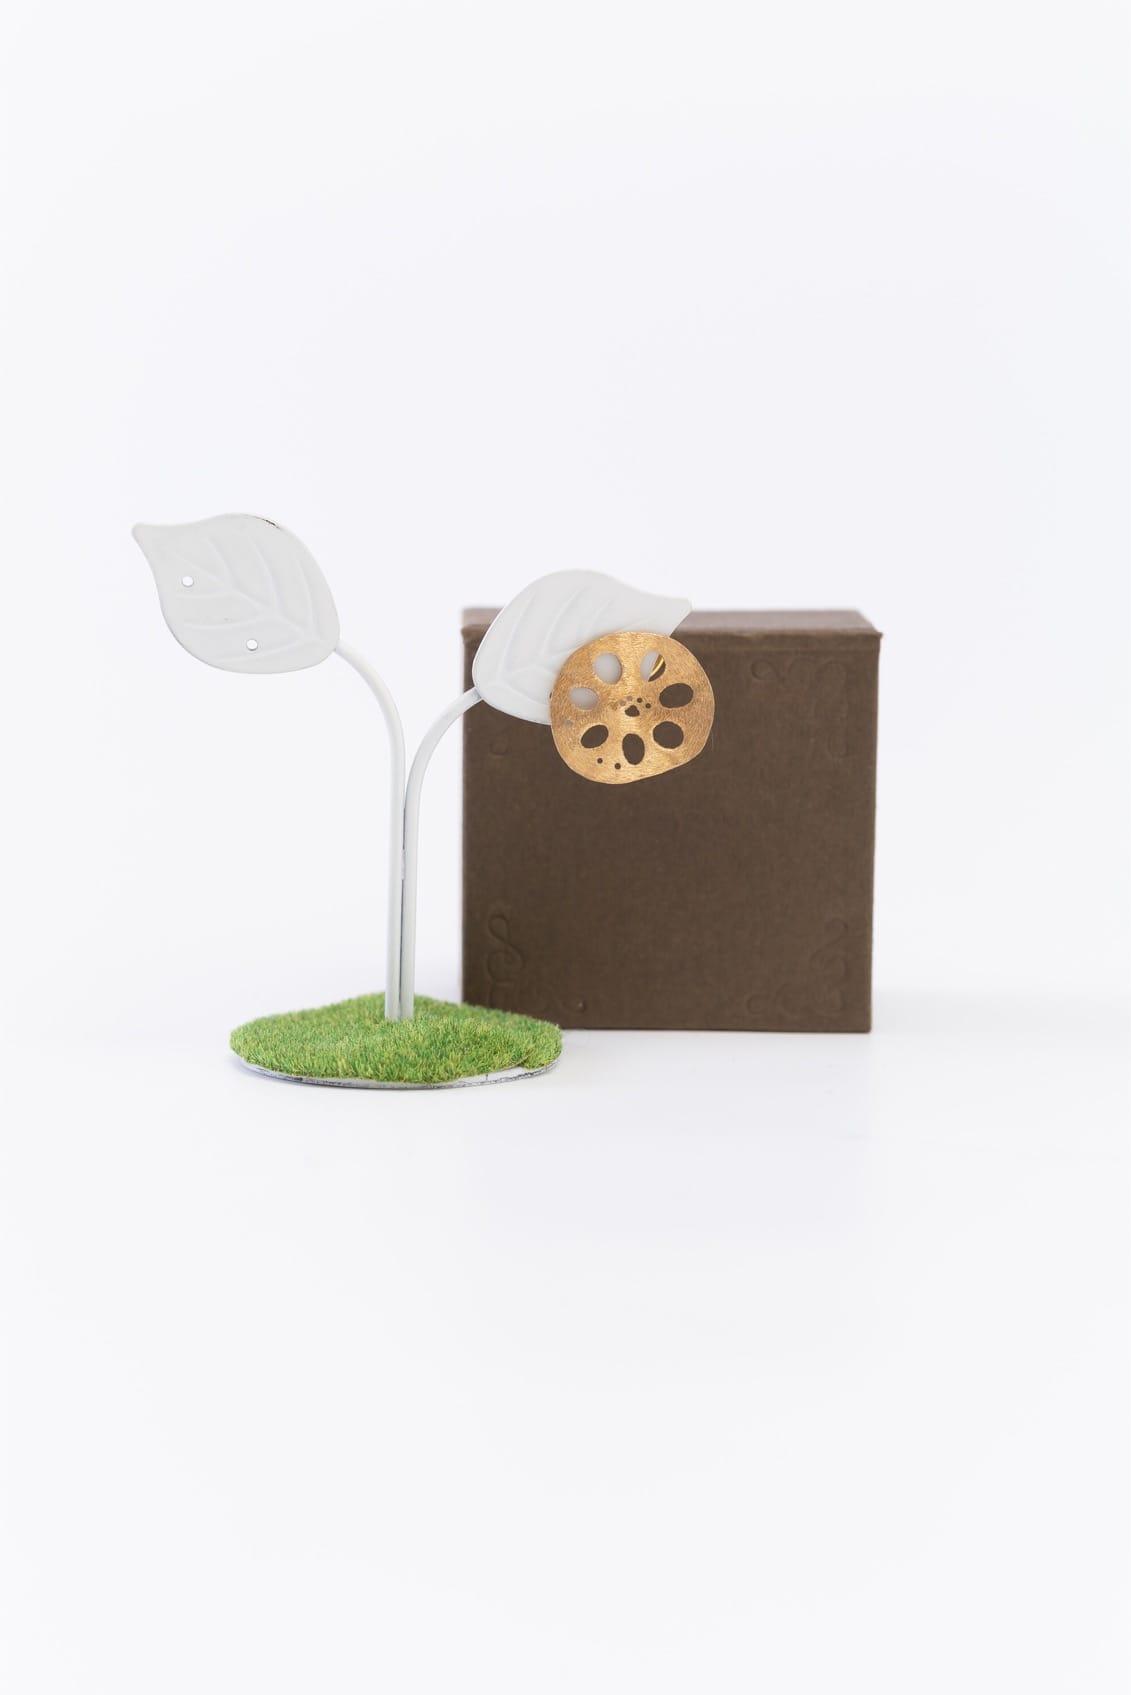 レンコンパッドピンブローチ(金)箱付きイメージ